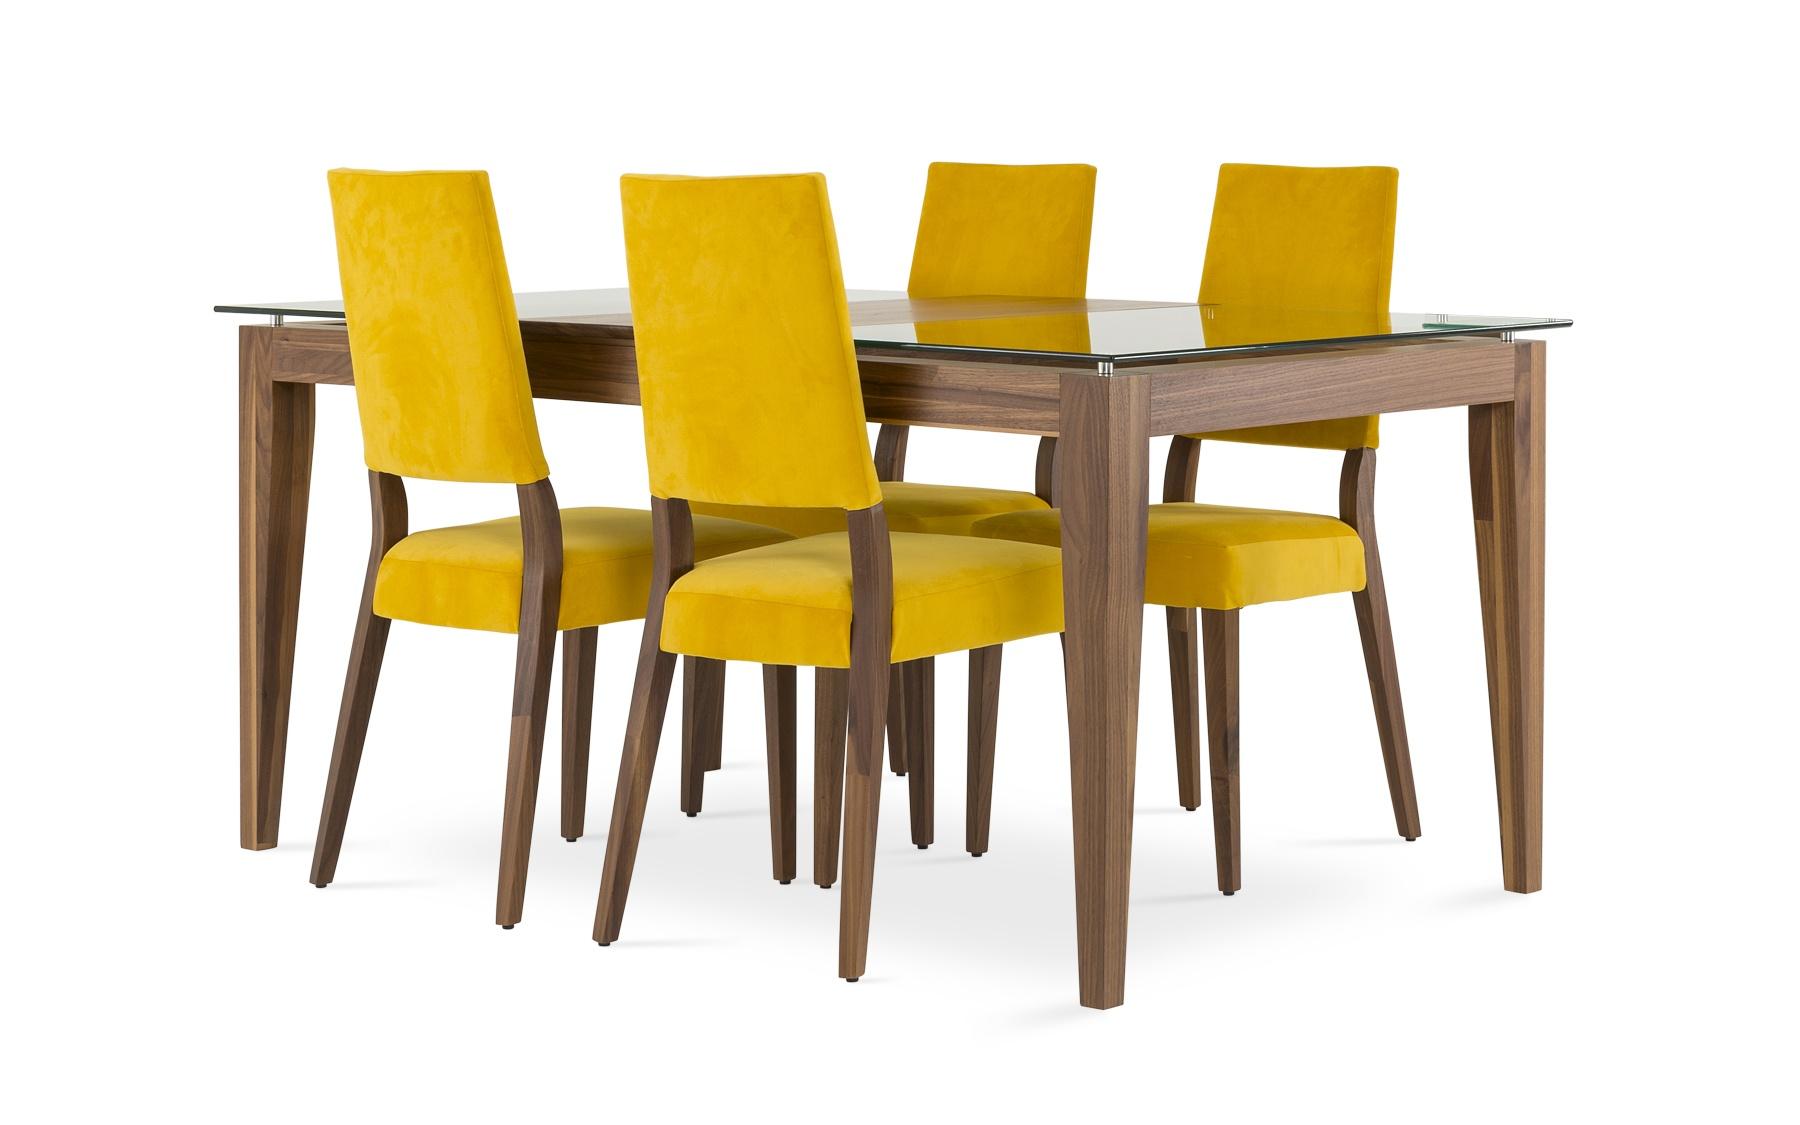 Chaise cl531 chaises salles manger la galerie du for La galerie du meuble